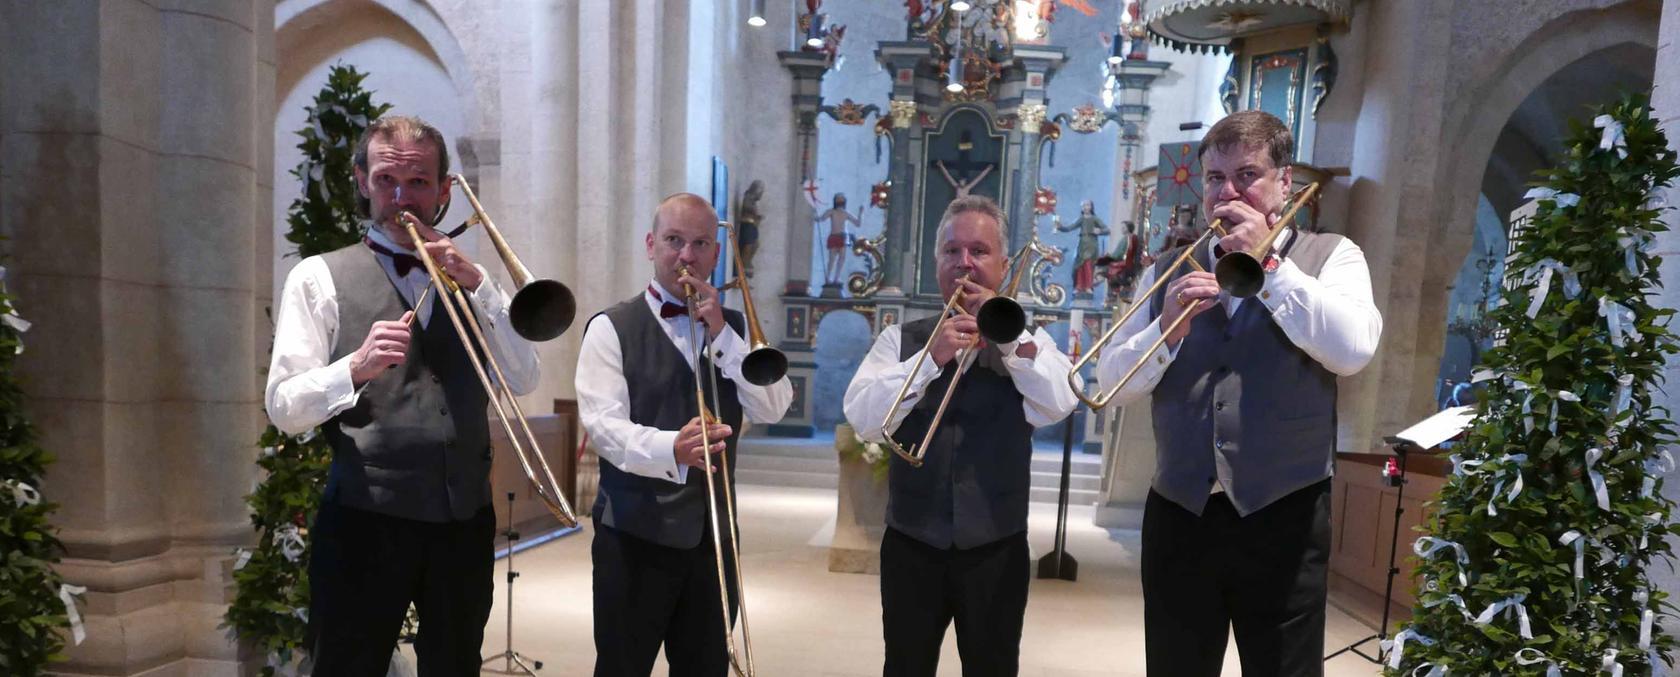 Dr. Jörg Richter, Dirk Lehmann (vom Gewandhausorchester Leipzig) sowie die weiteren freiberuflichen